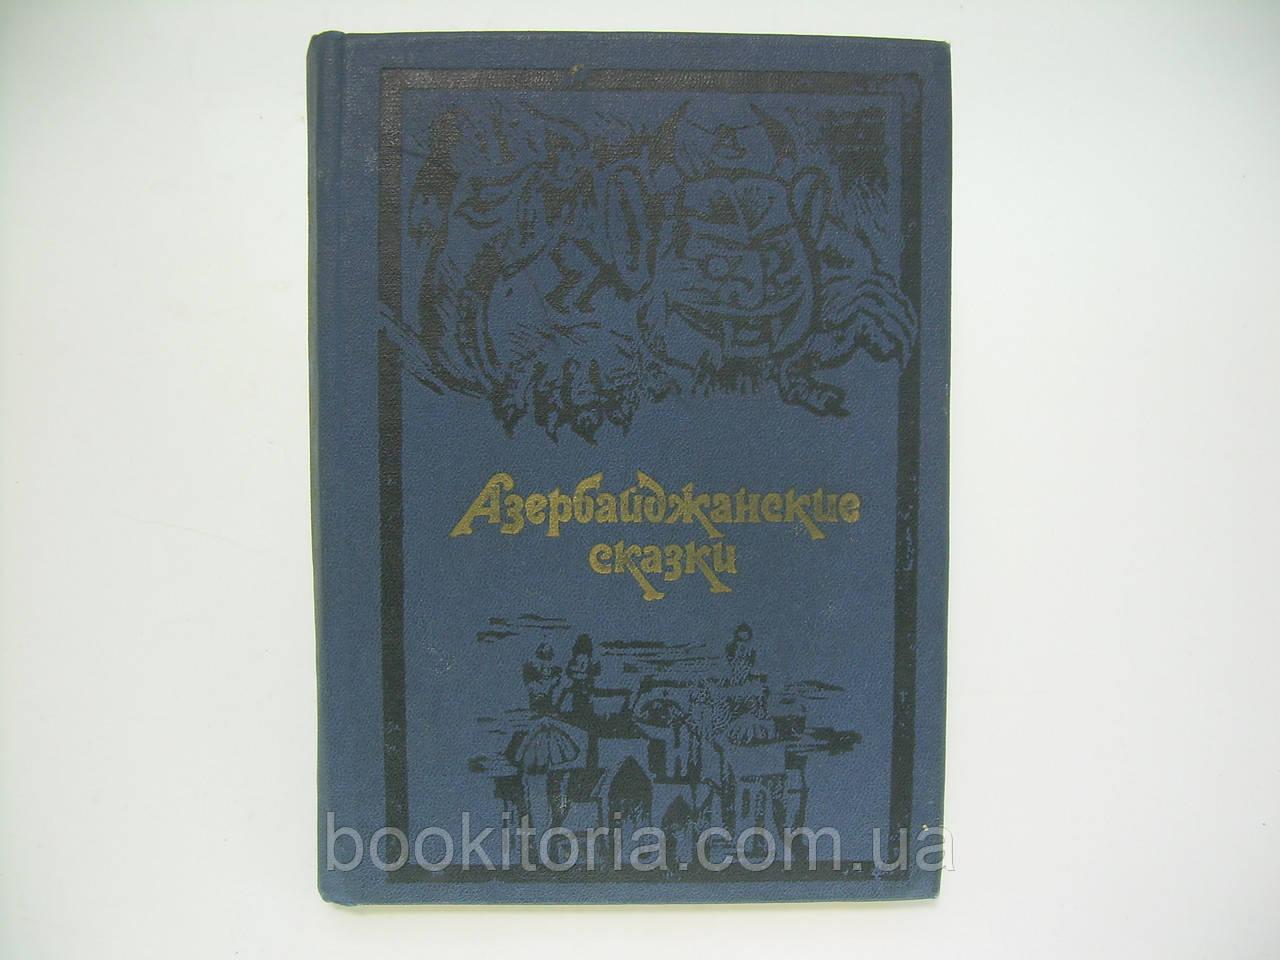 Азербайджанские сказки (б/у).